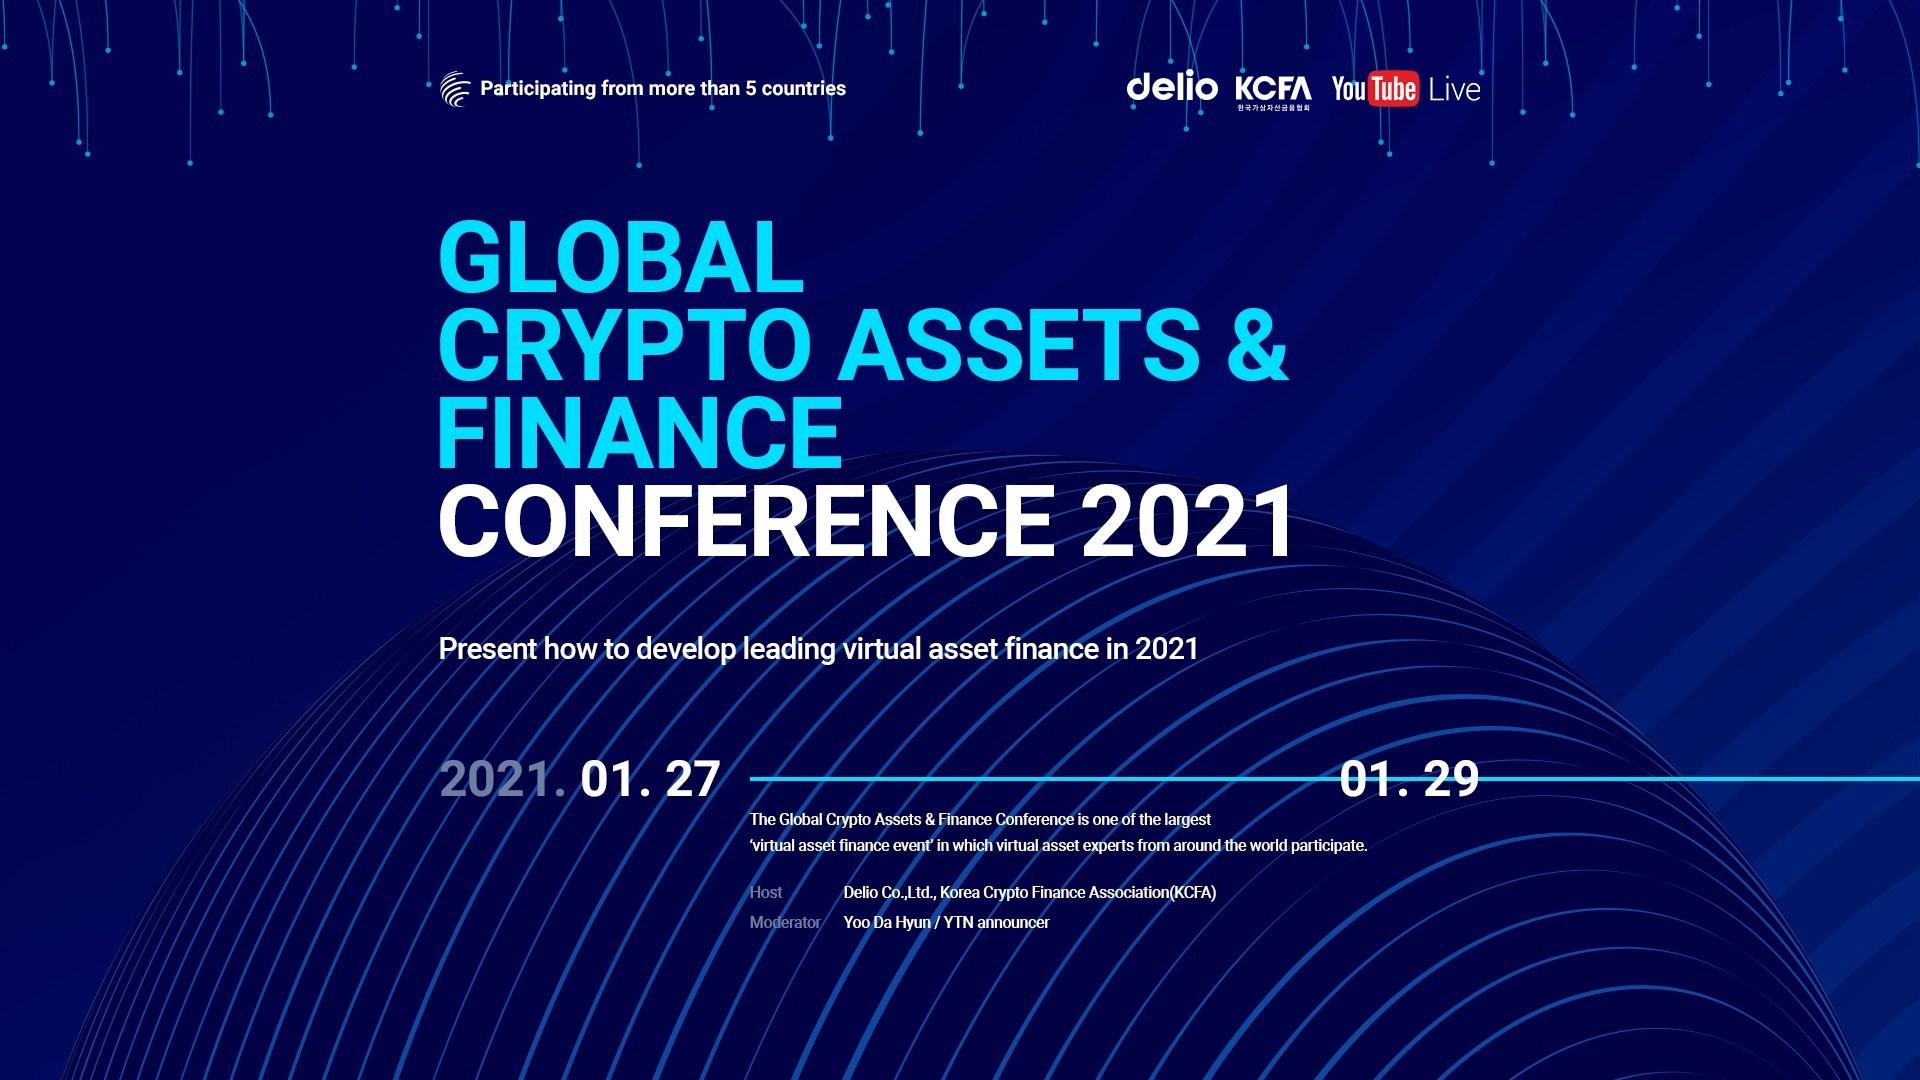 Cryptocurrency news 2021 world mauro betting sai da band por causa do net optics